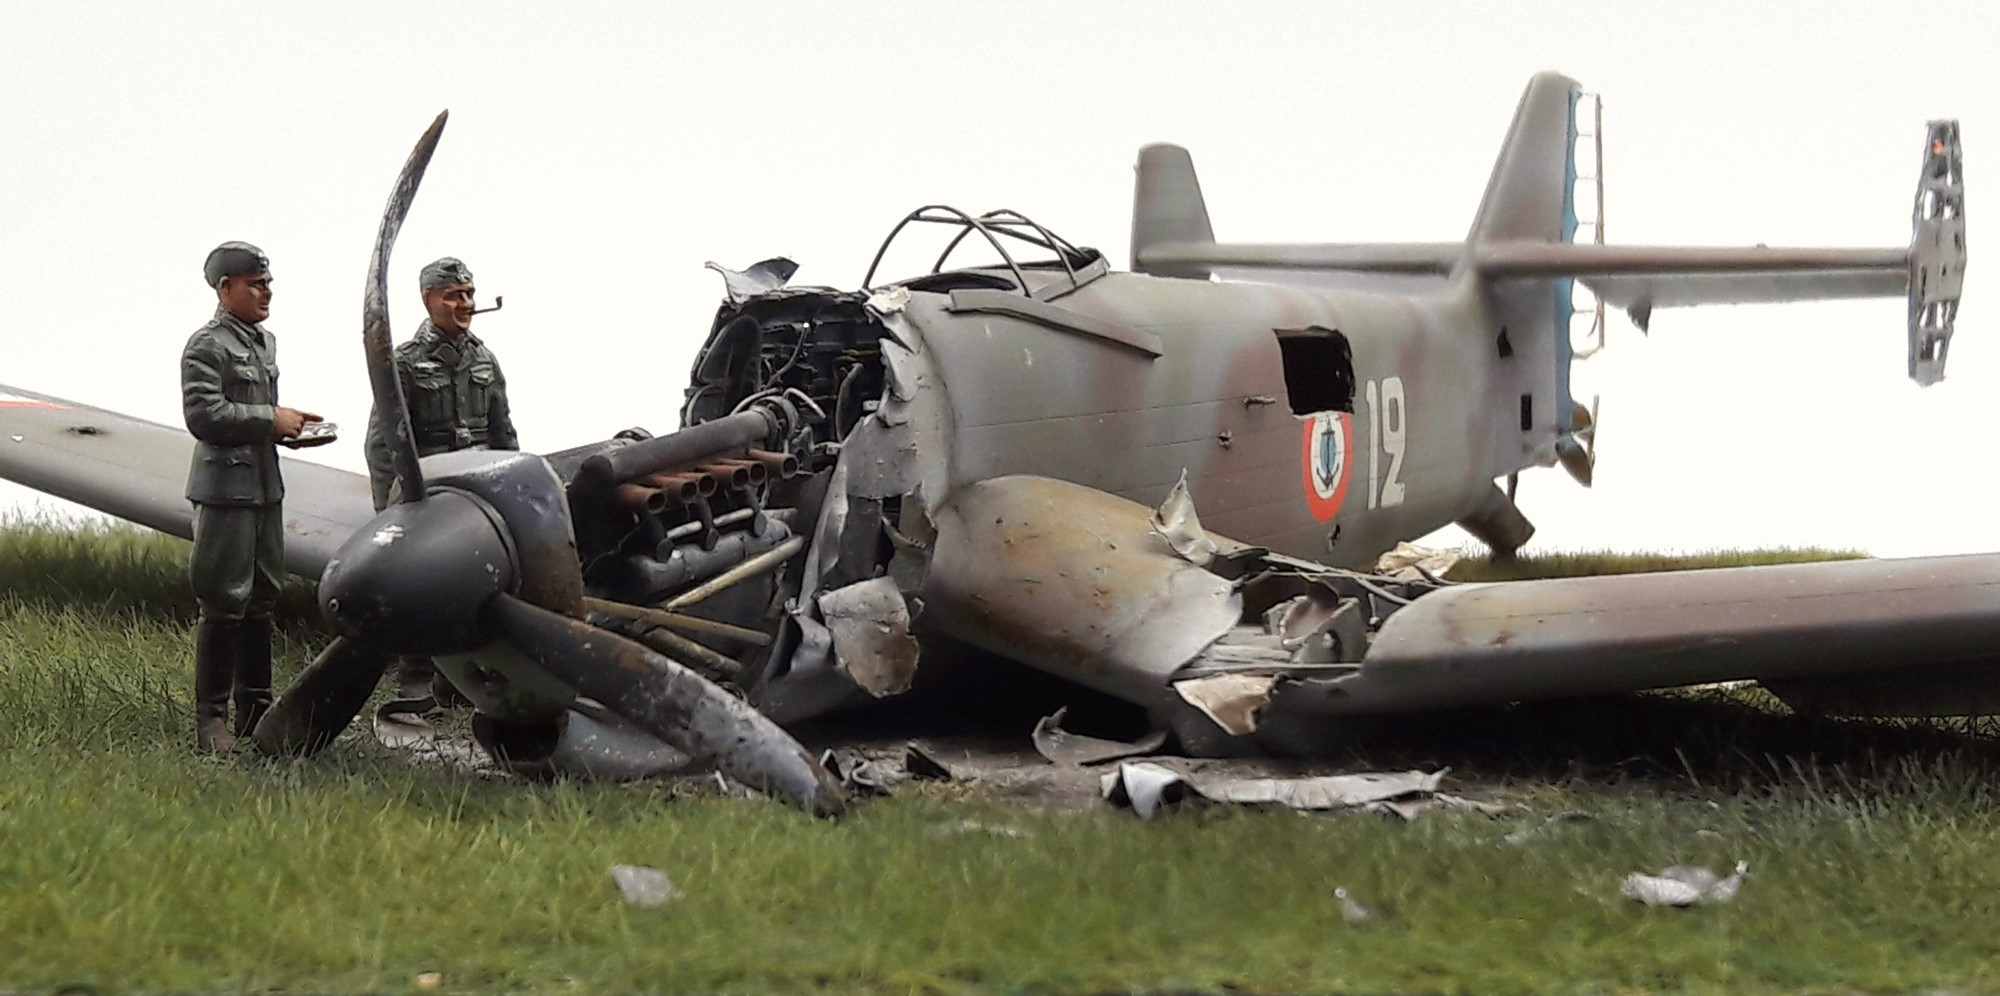 [Concours Aéronavale] Loire Nieuport 401/411 -  Special hobby 1/48 - crash à Villereau -le sacrifice des marins aviateurs du 19 mai 1940 - Mission Berlaimont  Image486